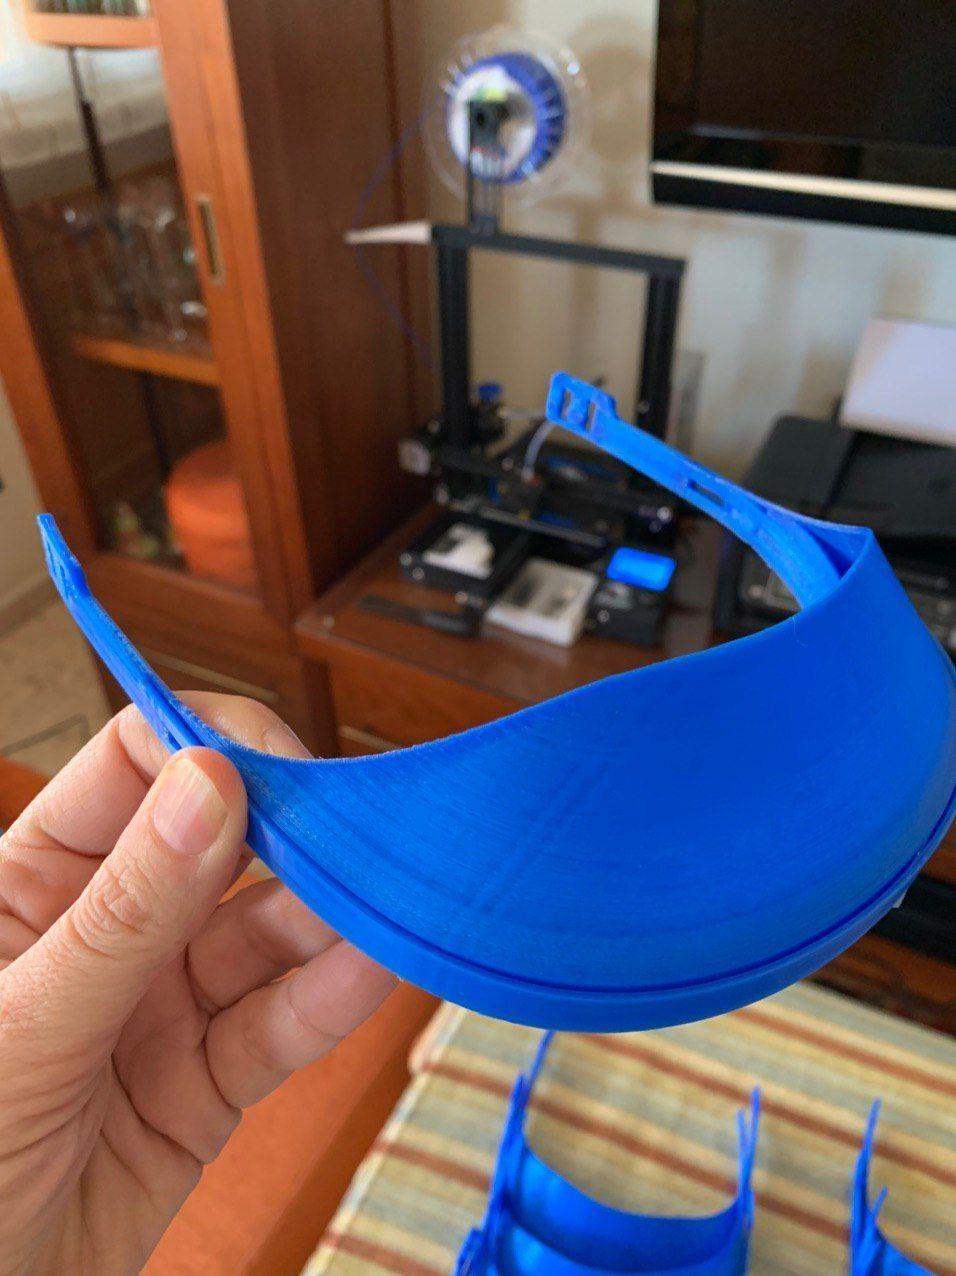 Alt maskers-gemaakt-met-een-3D-printer,title maskers-gemaakt-met-een-3D-printer